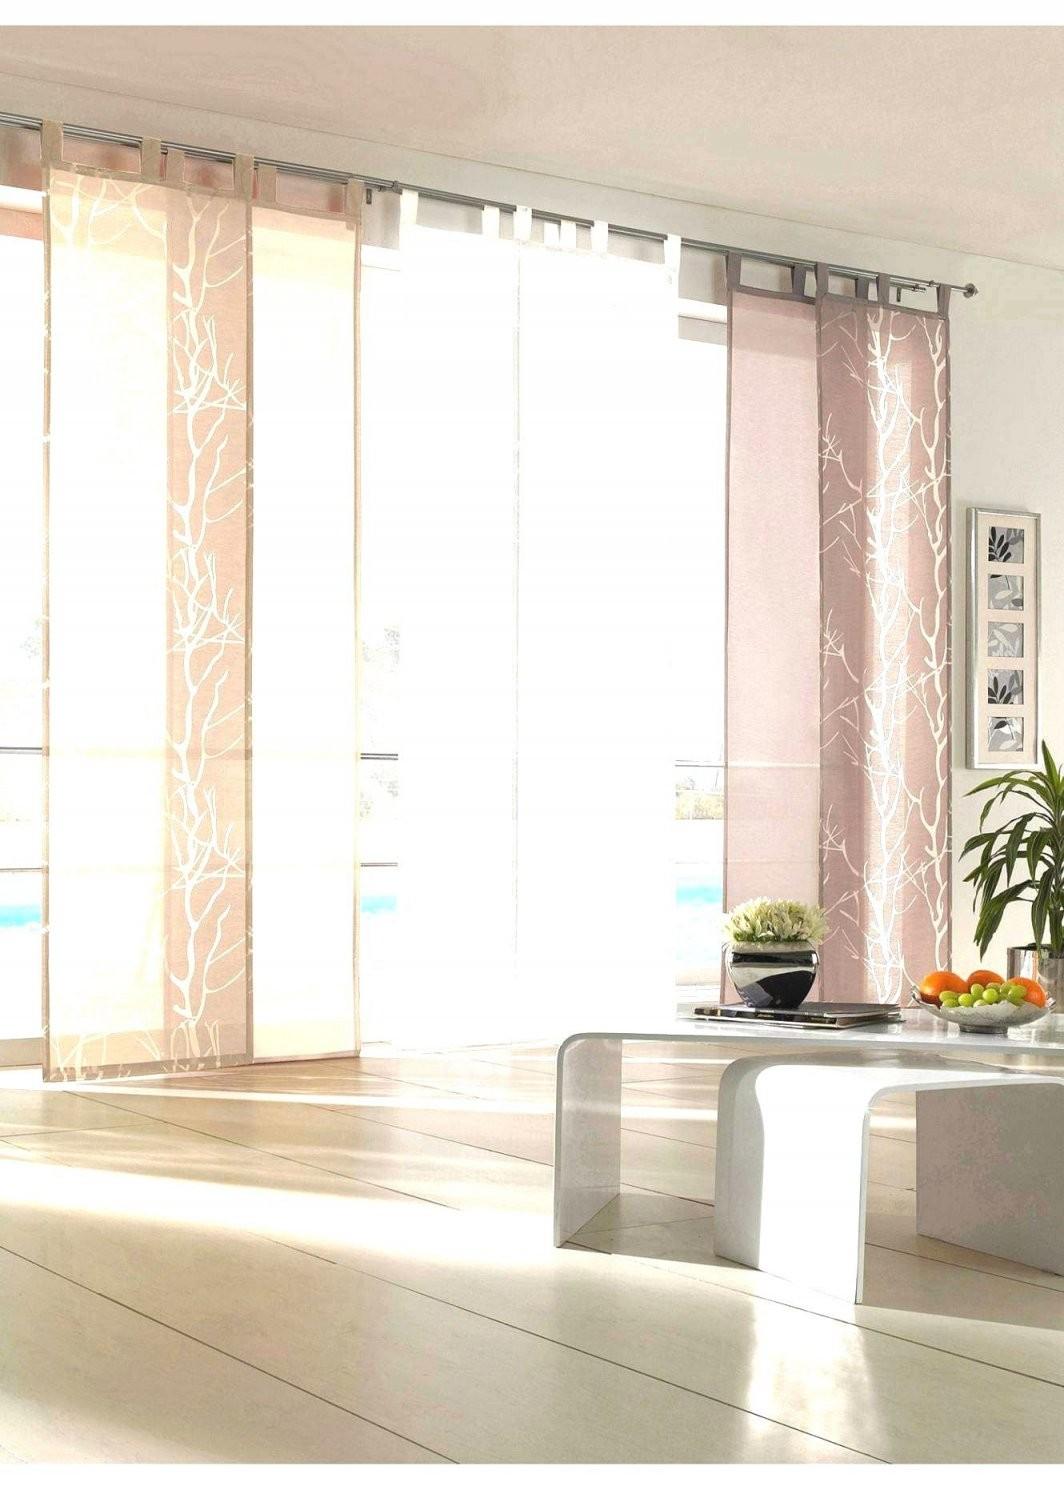 Gardinen Wohnzimmer Design Von Otto Versand Gardinen Planen Prels0 von Otto Versand Gardinen Und Vorhänge Photo